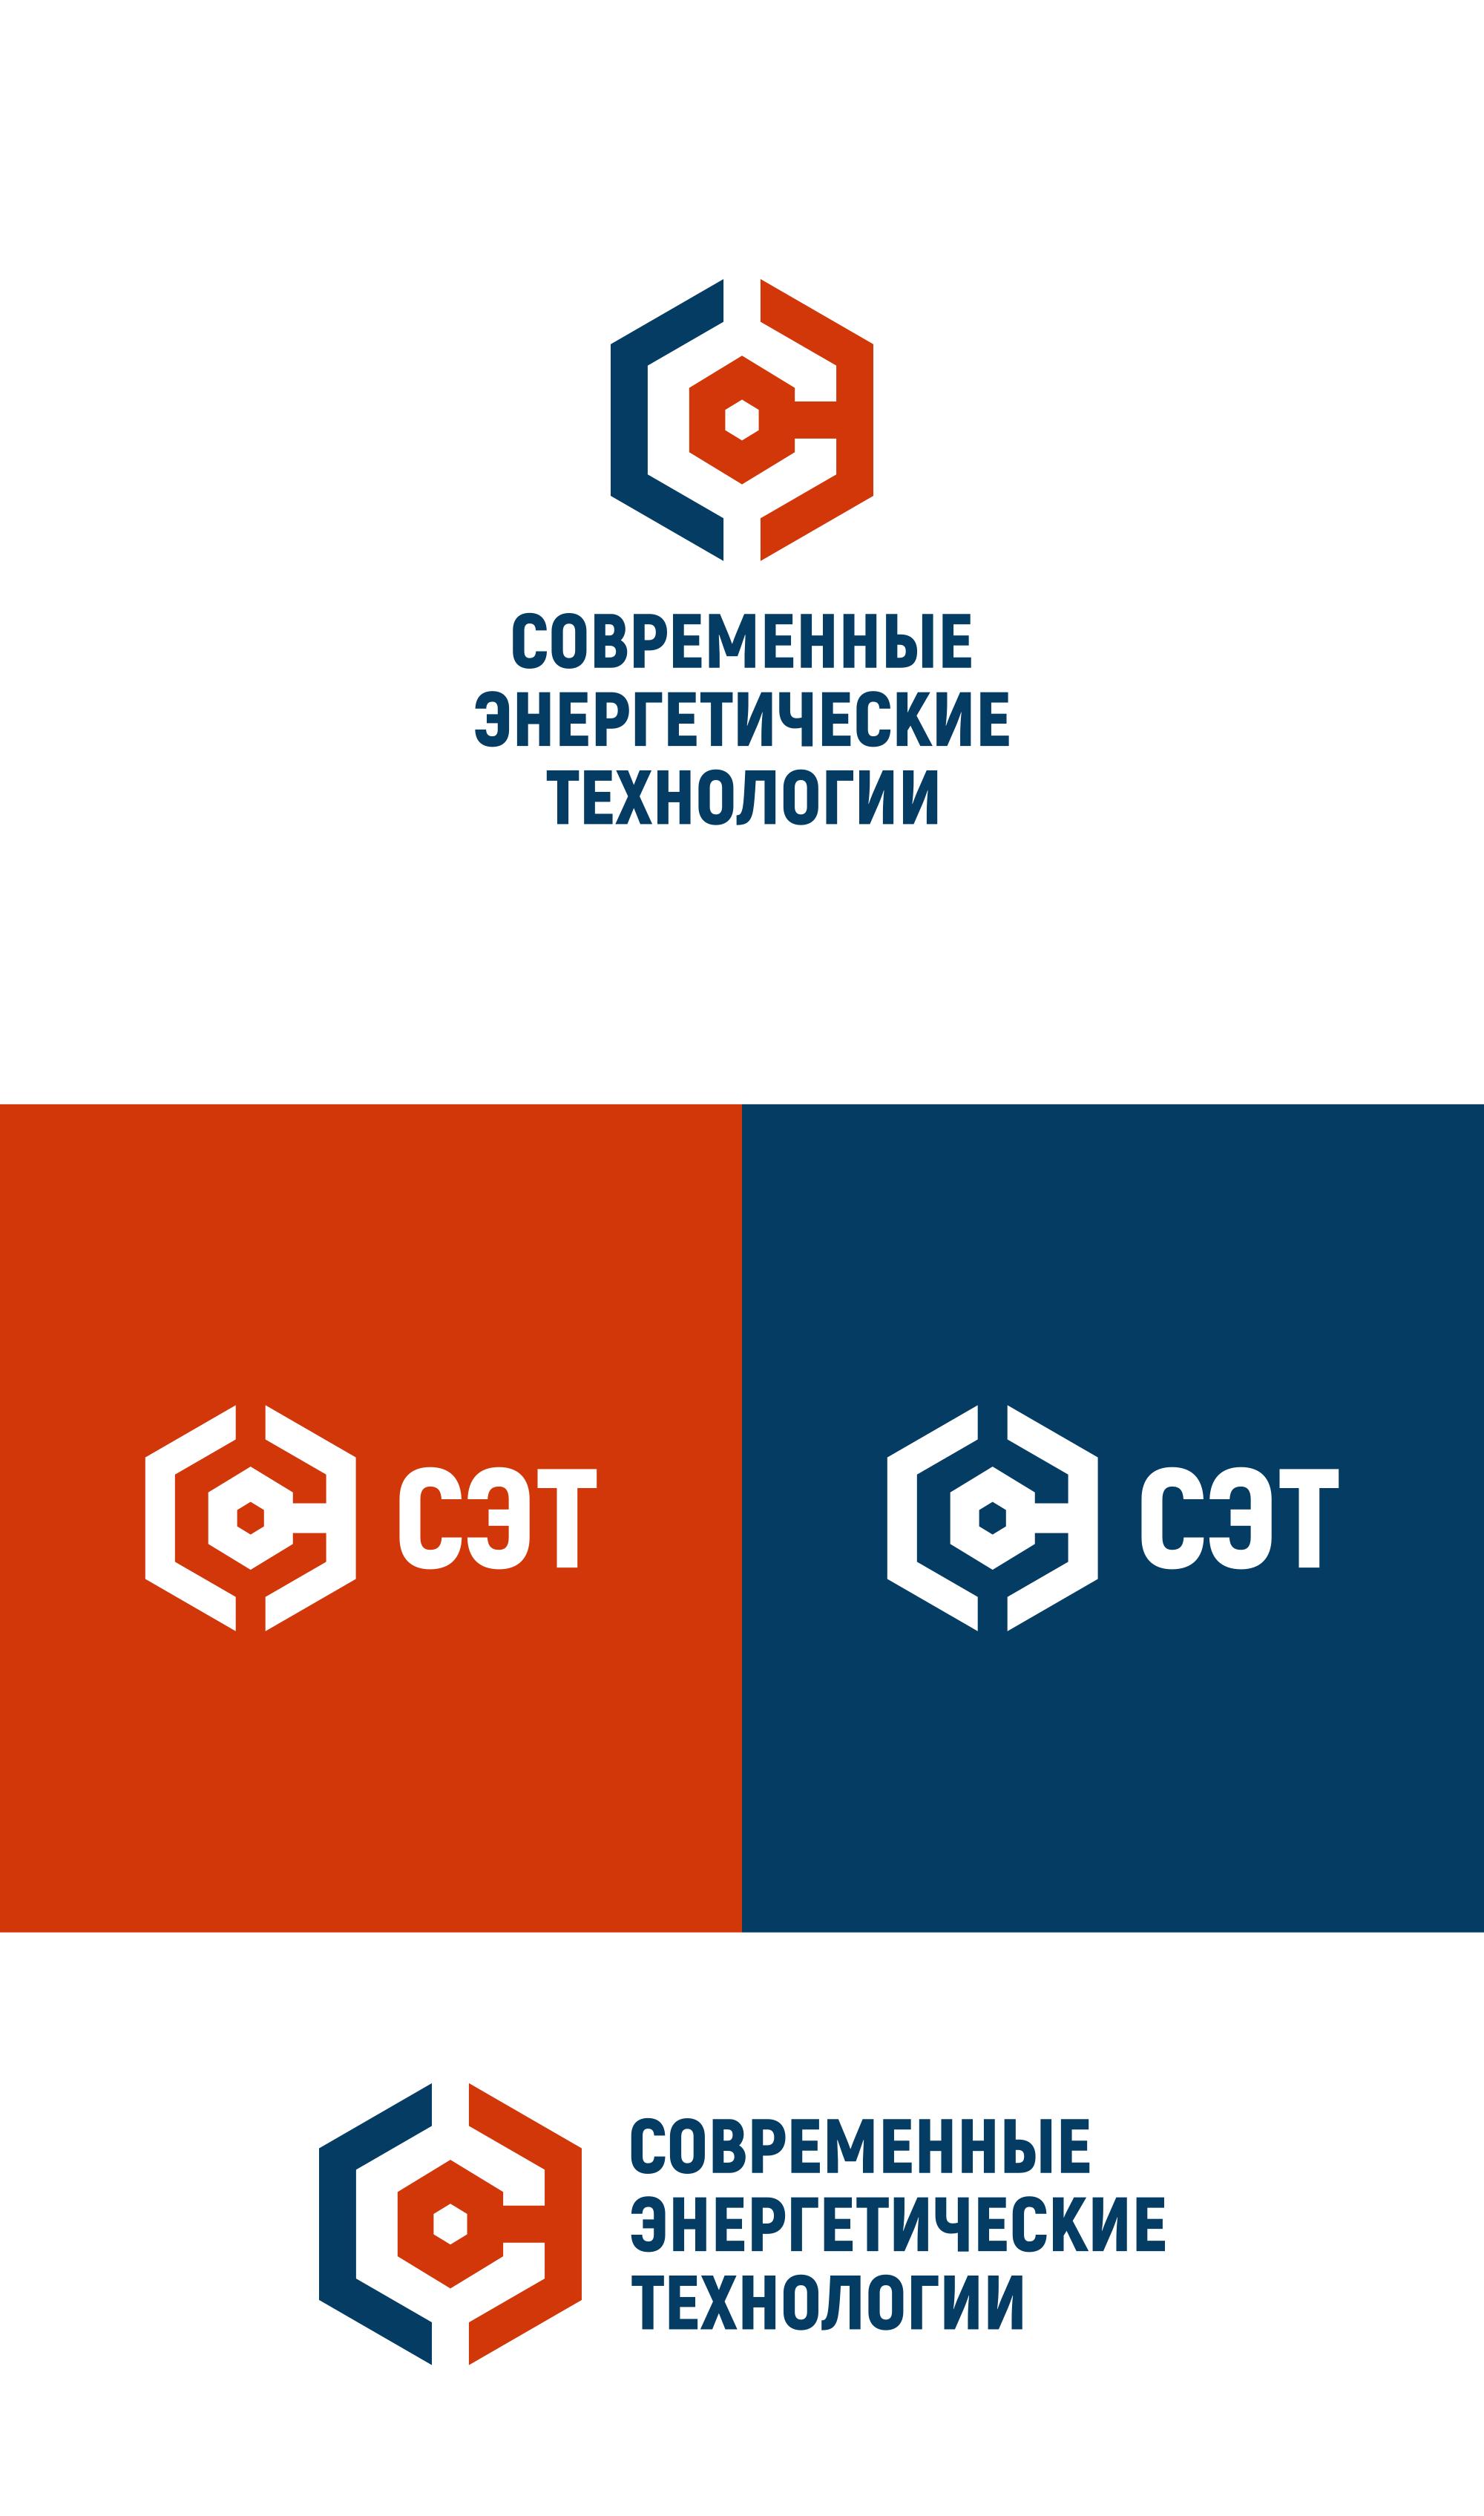 Срочно! Дизайн логотипа ООО «СЭТ» фото f_2675d4d08f3c2676.png